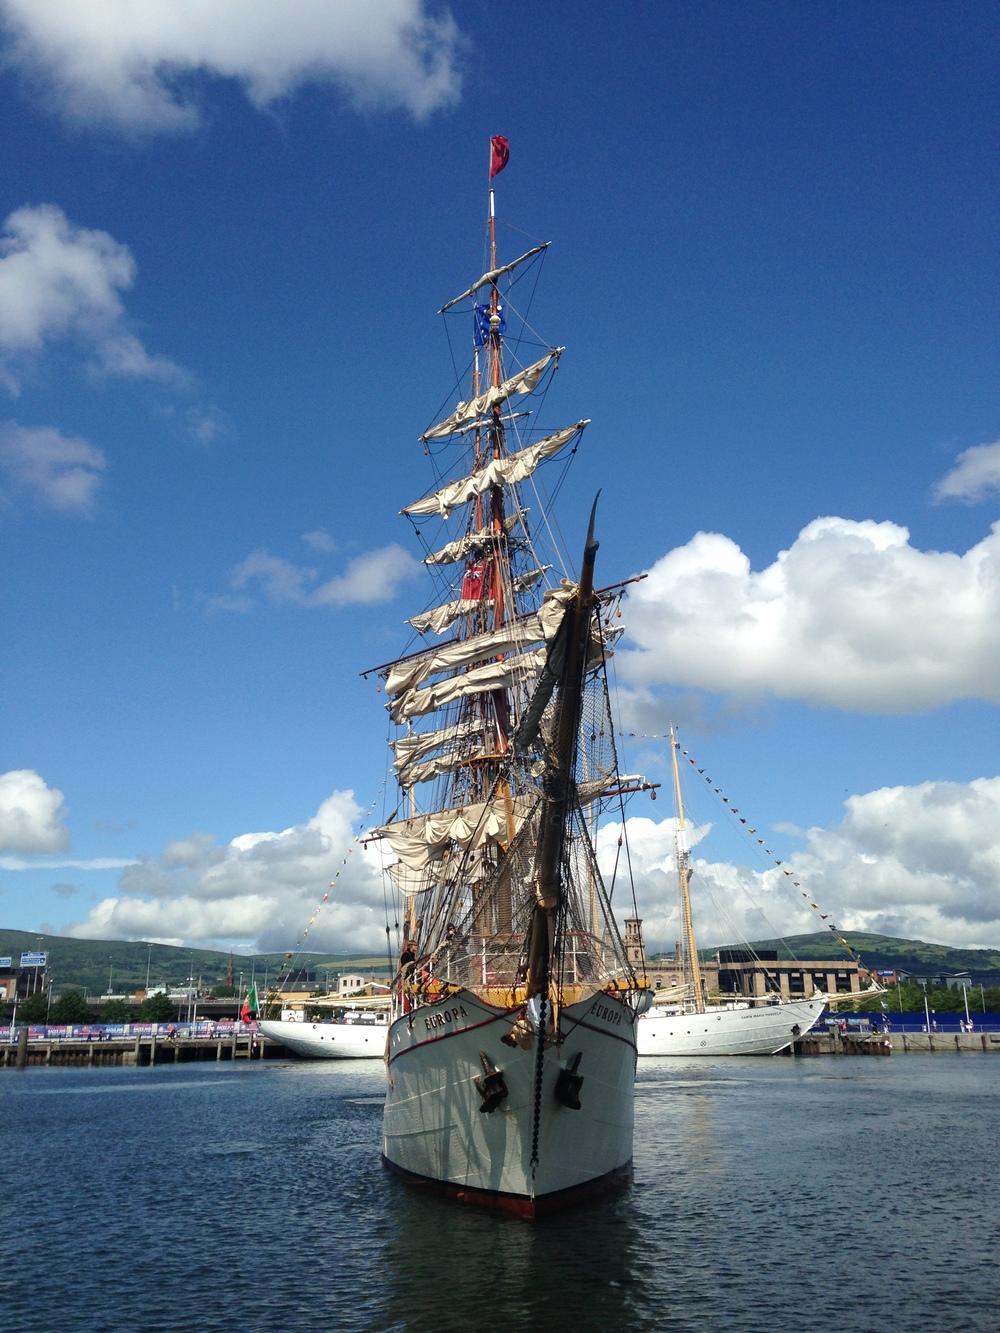 Huge Sails!